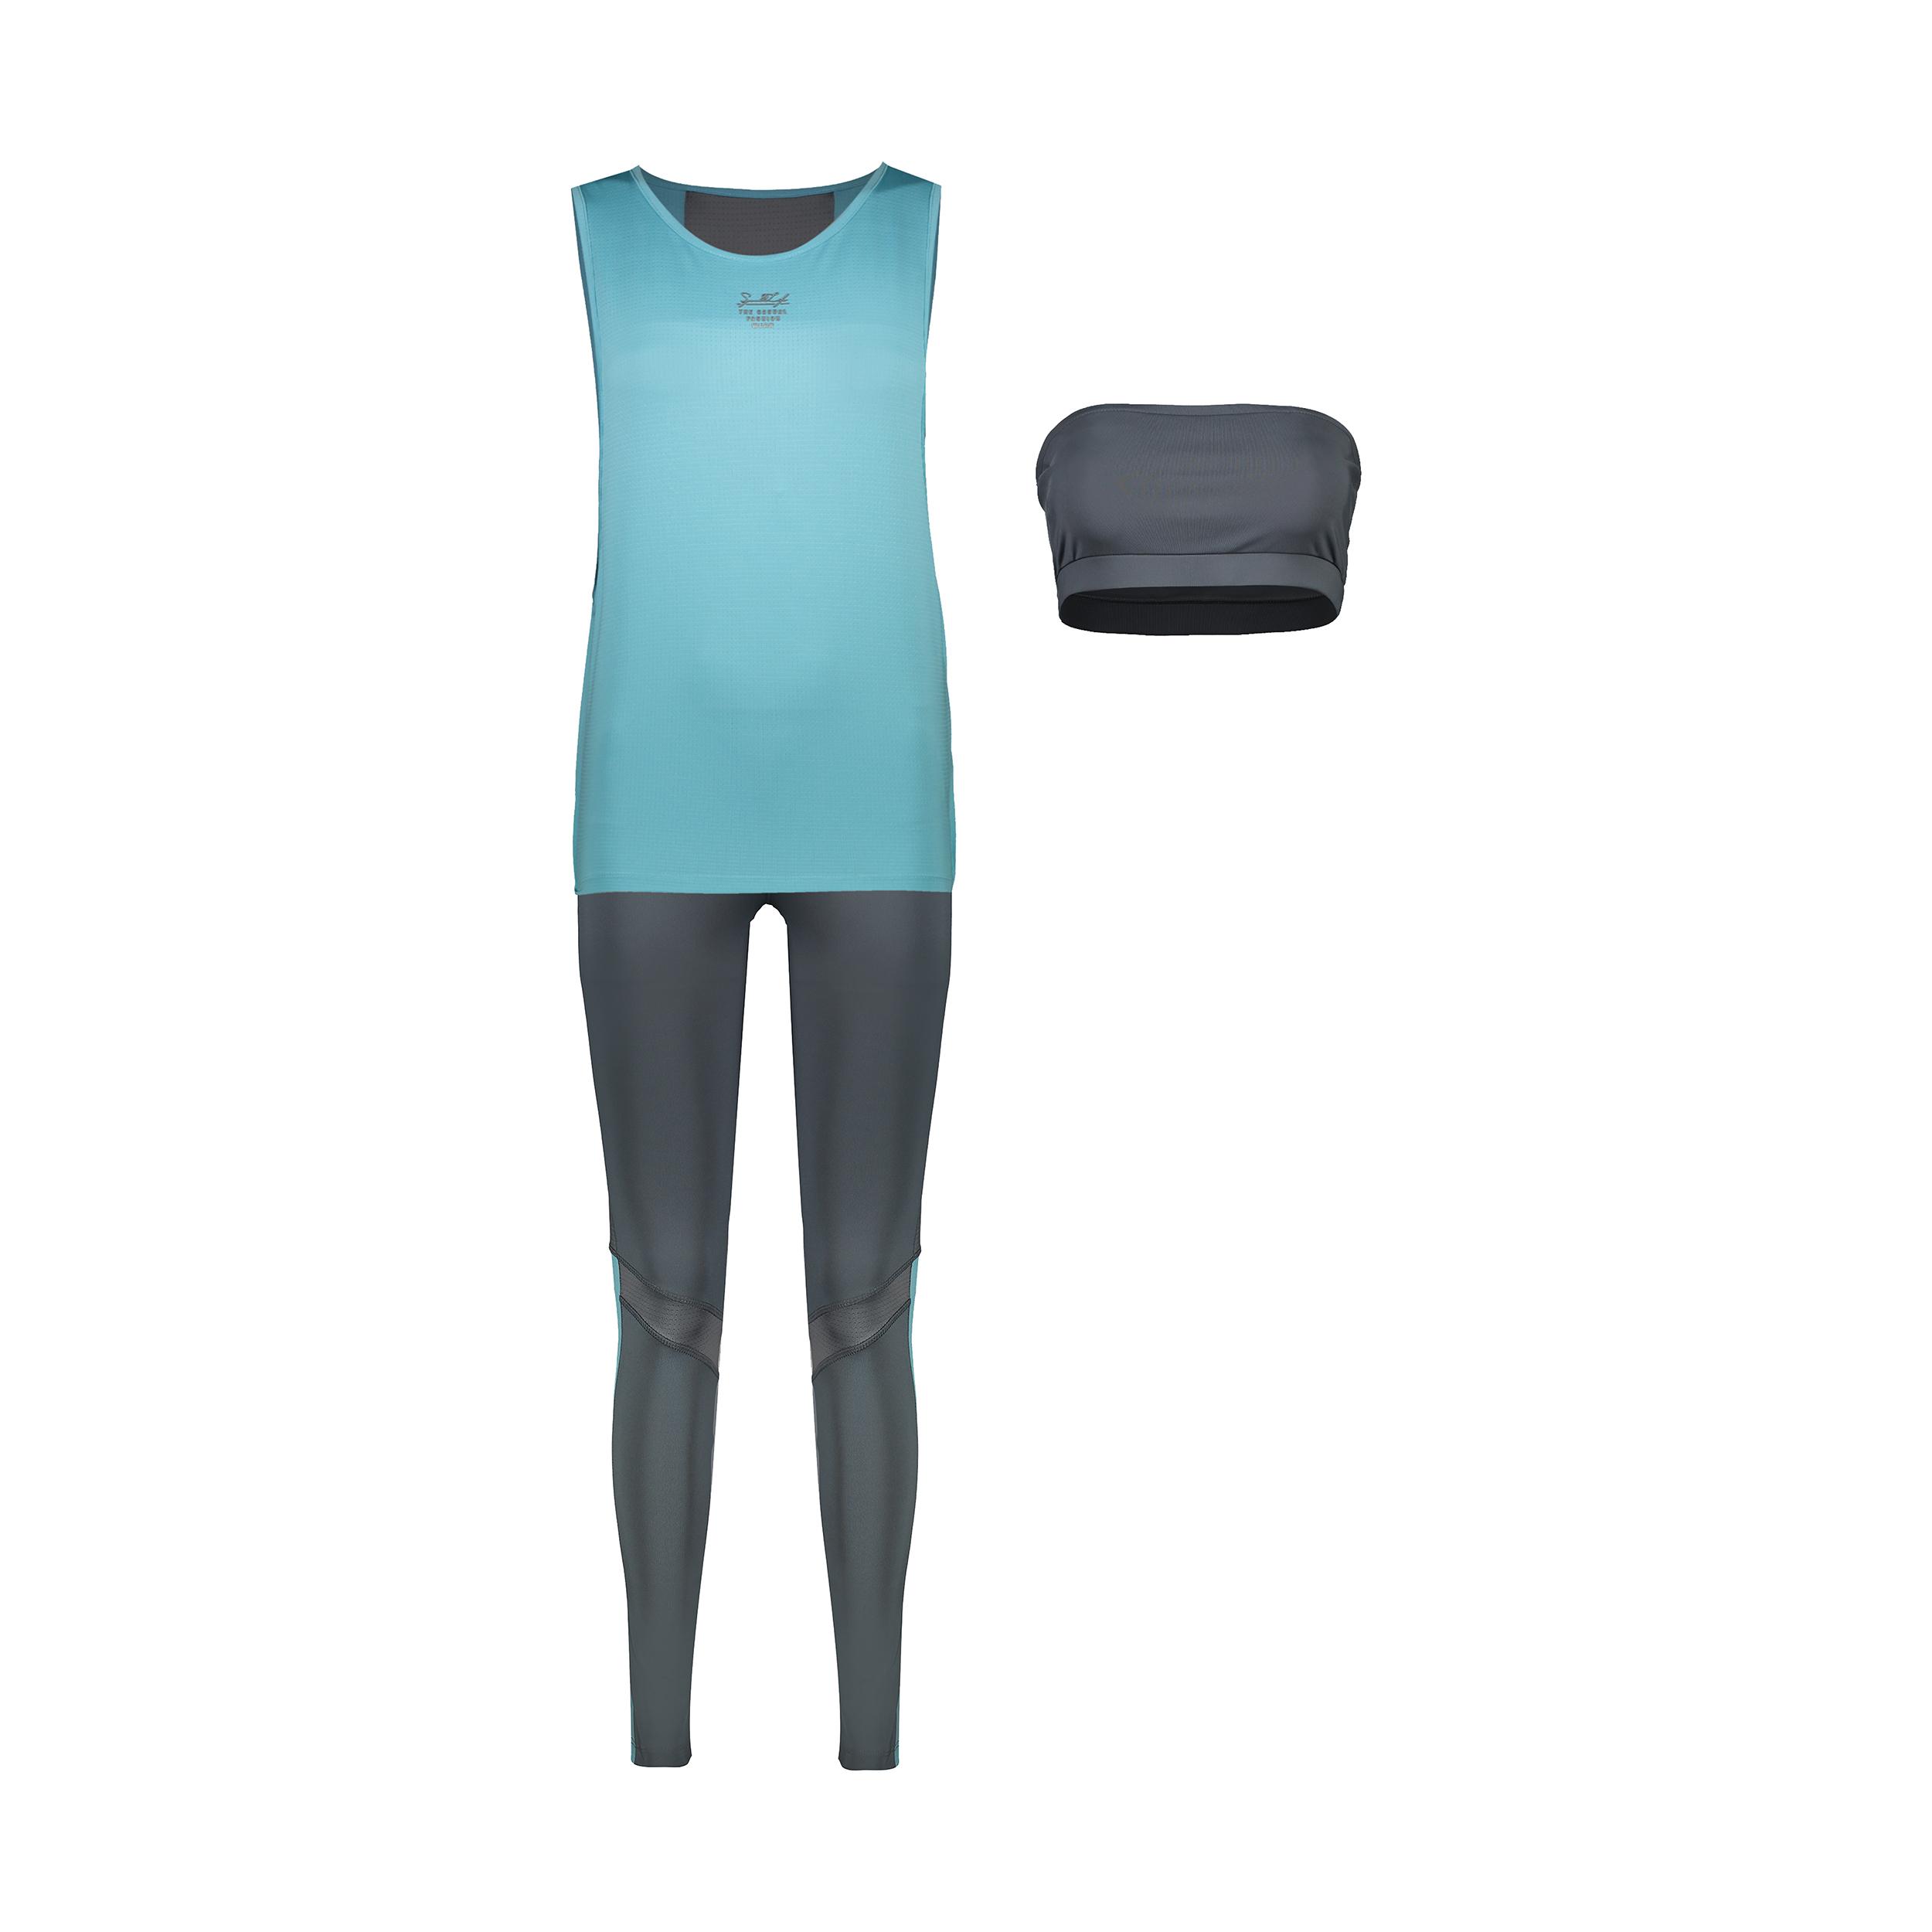 ست 3 تکه لباس ورزشی زنانه اسپیدلایف مدل 012